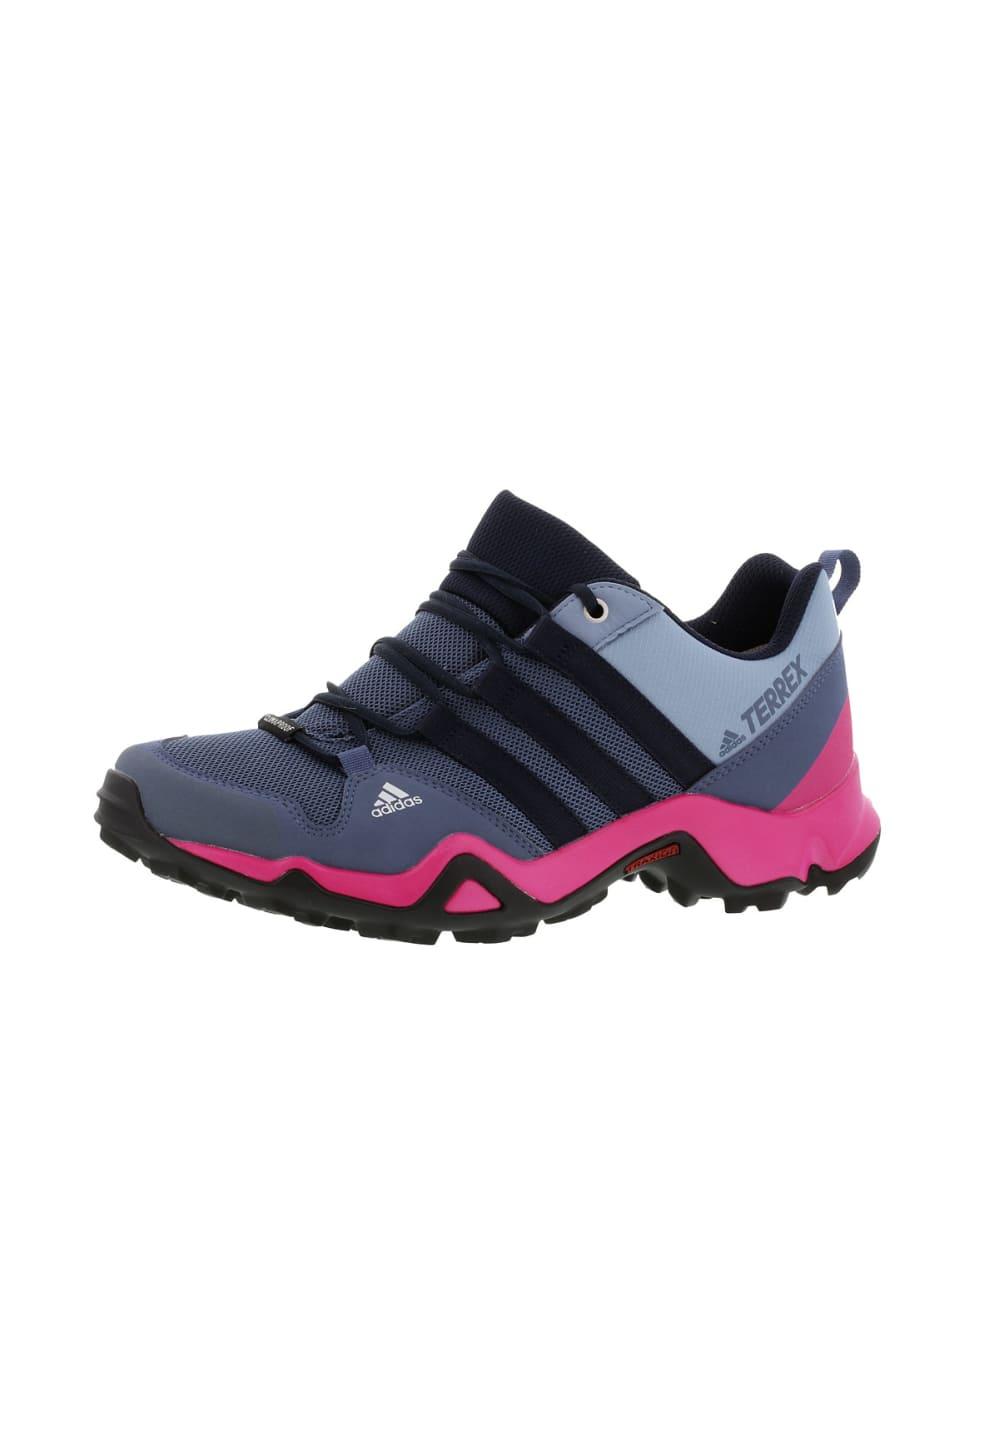 Climaproof Blau Adidas Ax2r Outdoorschuhe Terrex E9IHD2